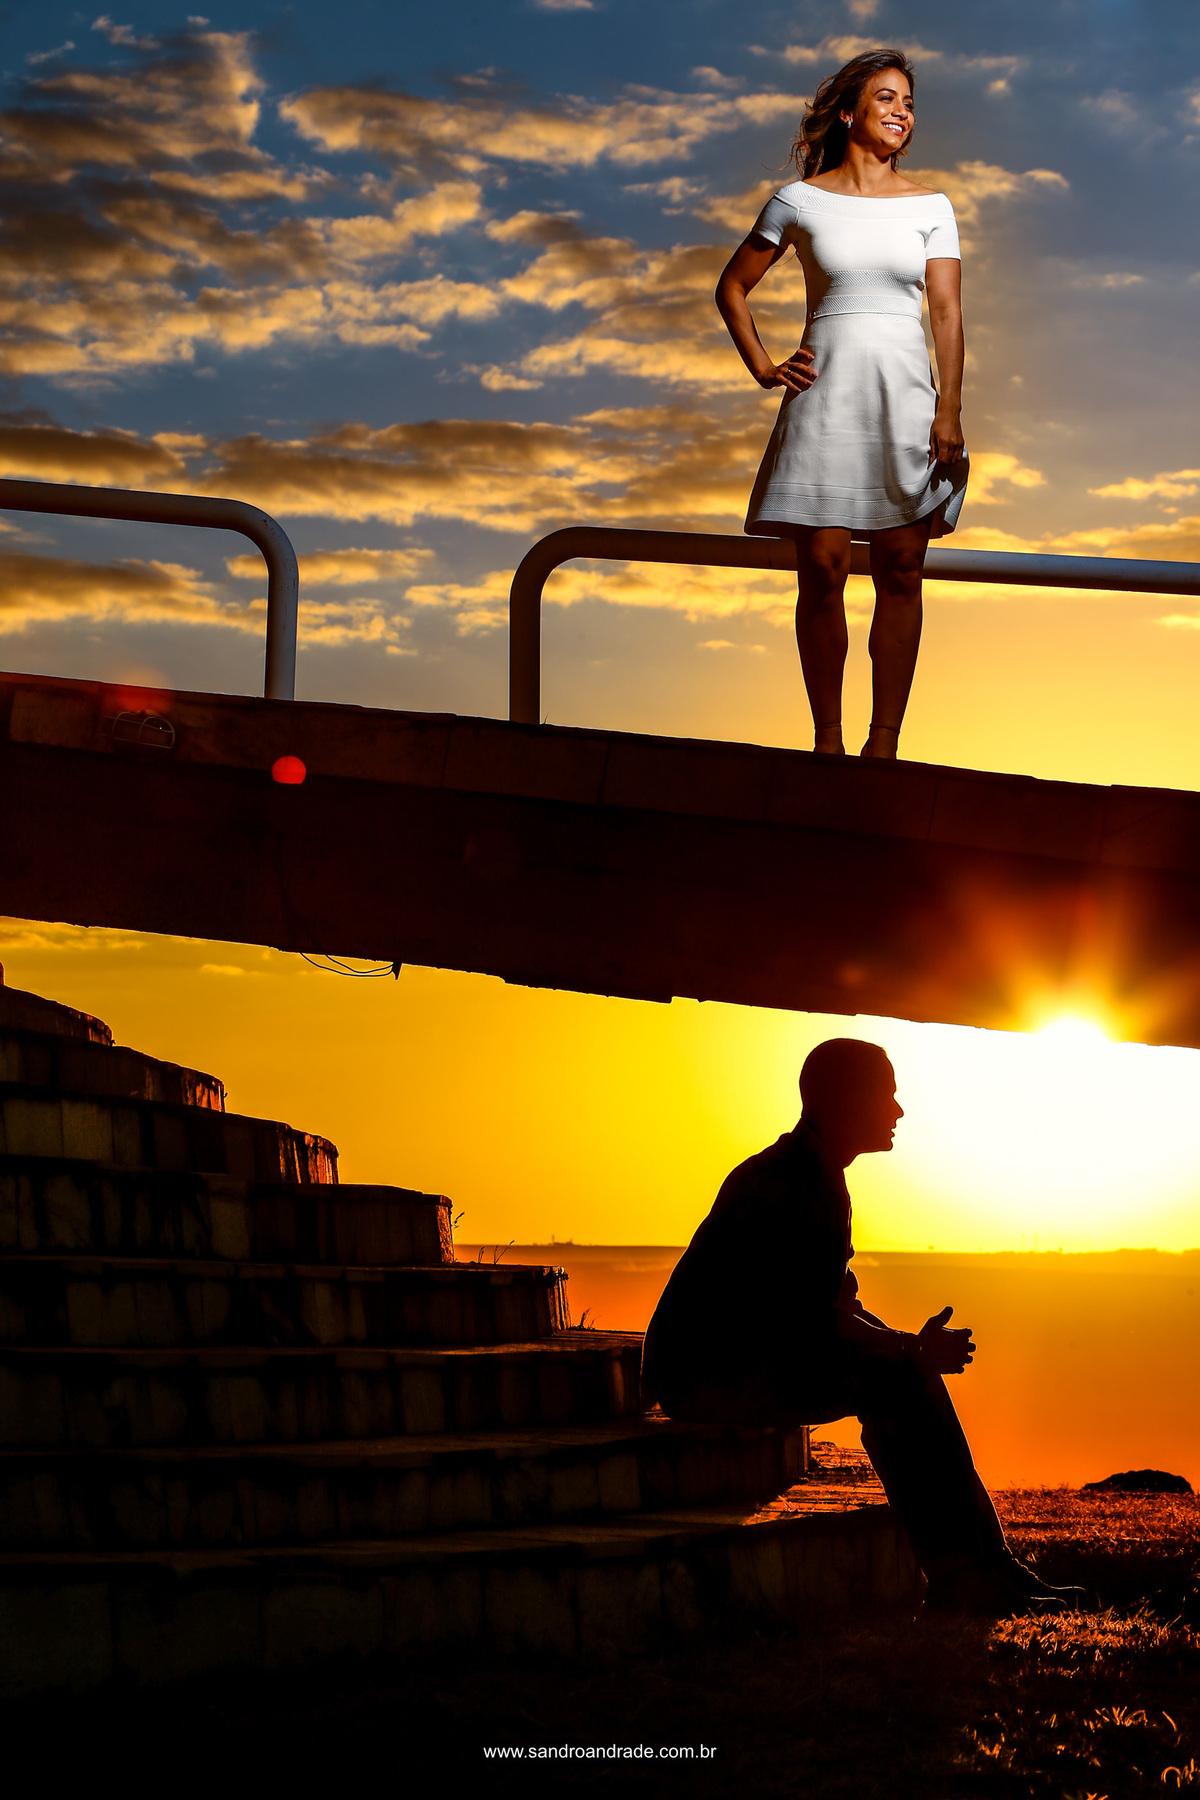 Sempre fazendo uma fotografia linda e cheia de técnicas, Sandro fotografo do df. Nesta fotografia tem um céu lindo, por do sol maravilhoso, uma noiva linda com tecnicas de luz e  o noivo bombeiro militar em baixo da rampa do Paraíso na Terra em silhueta.